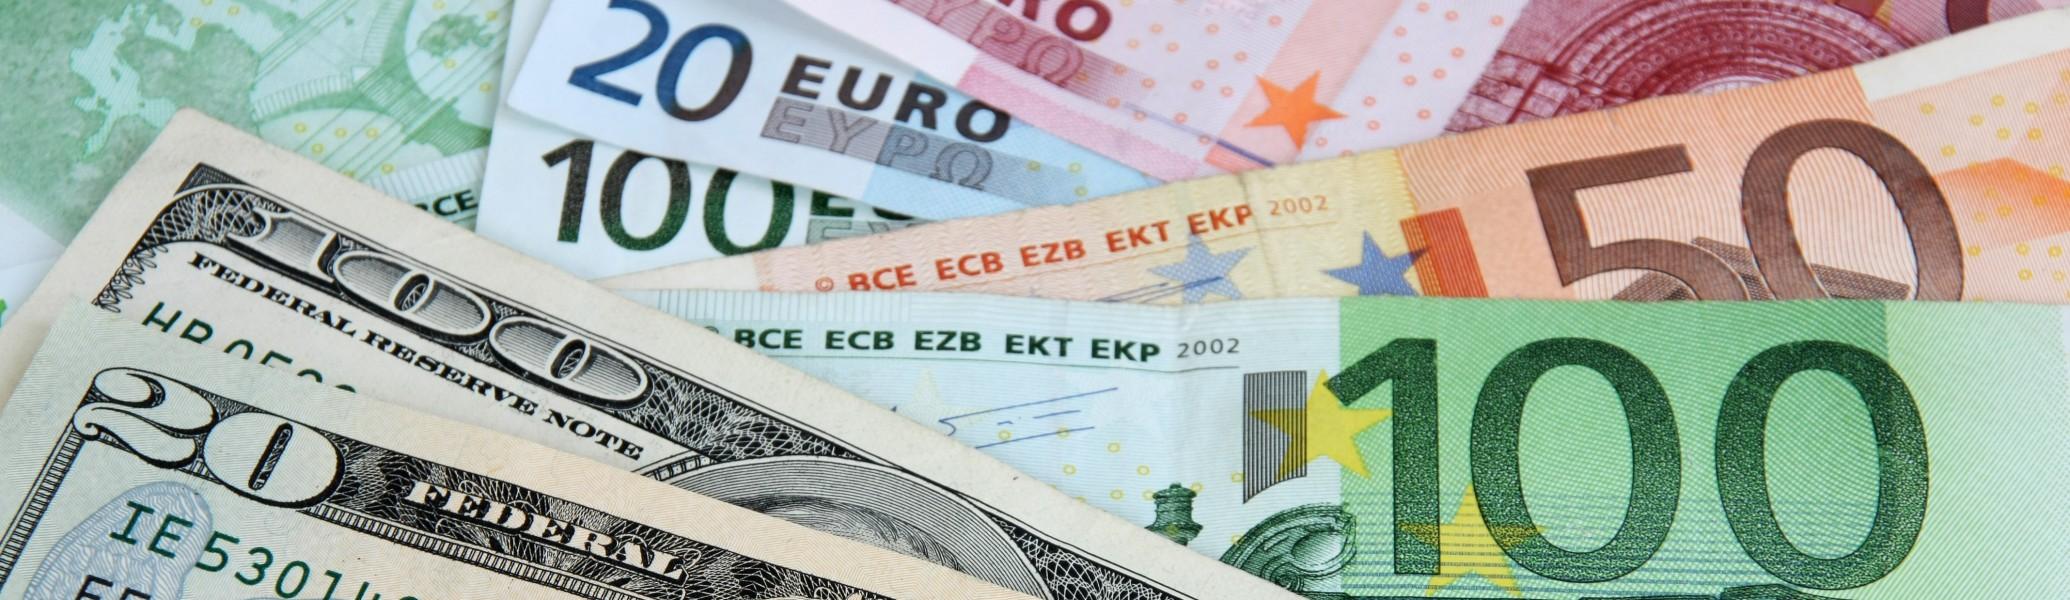 ЦБ ужесточил контроль над валютными операциями физических лиц